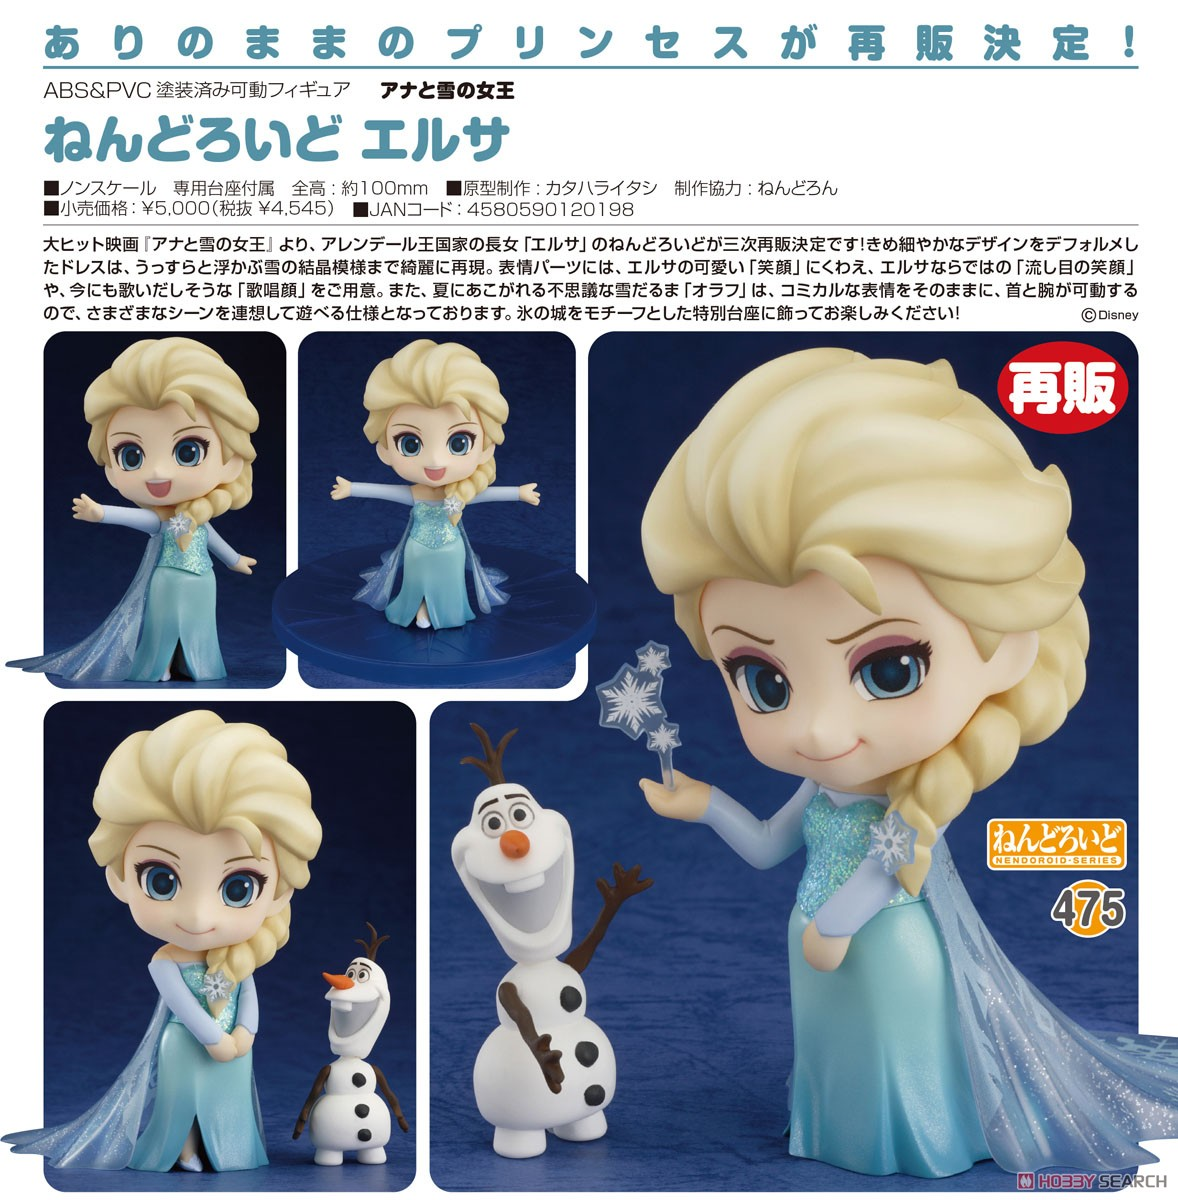 【再販】ねんどろいど『エルサ』アナと雪の女王 可動フィギュア-006